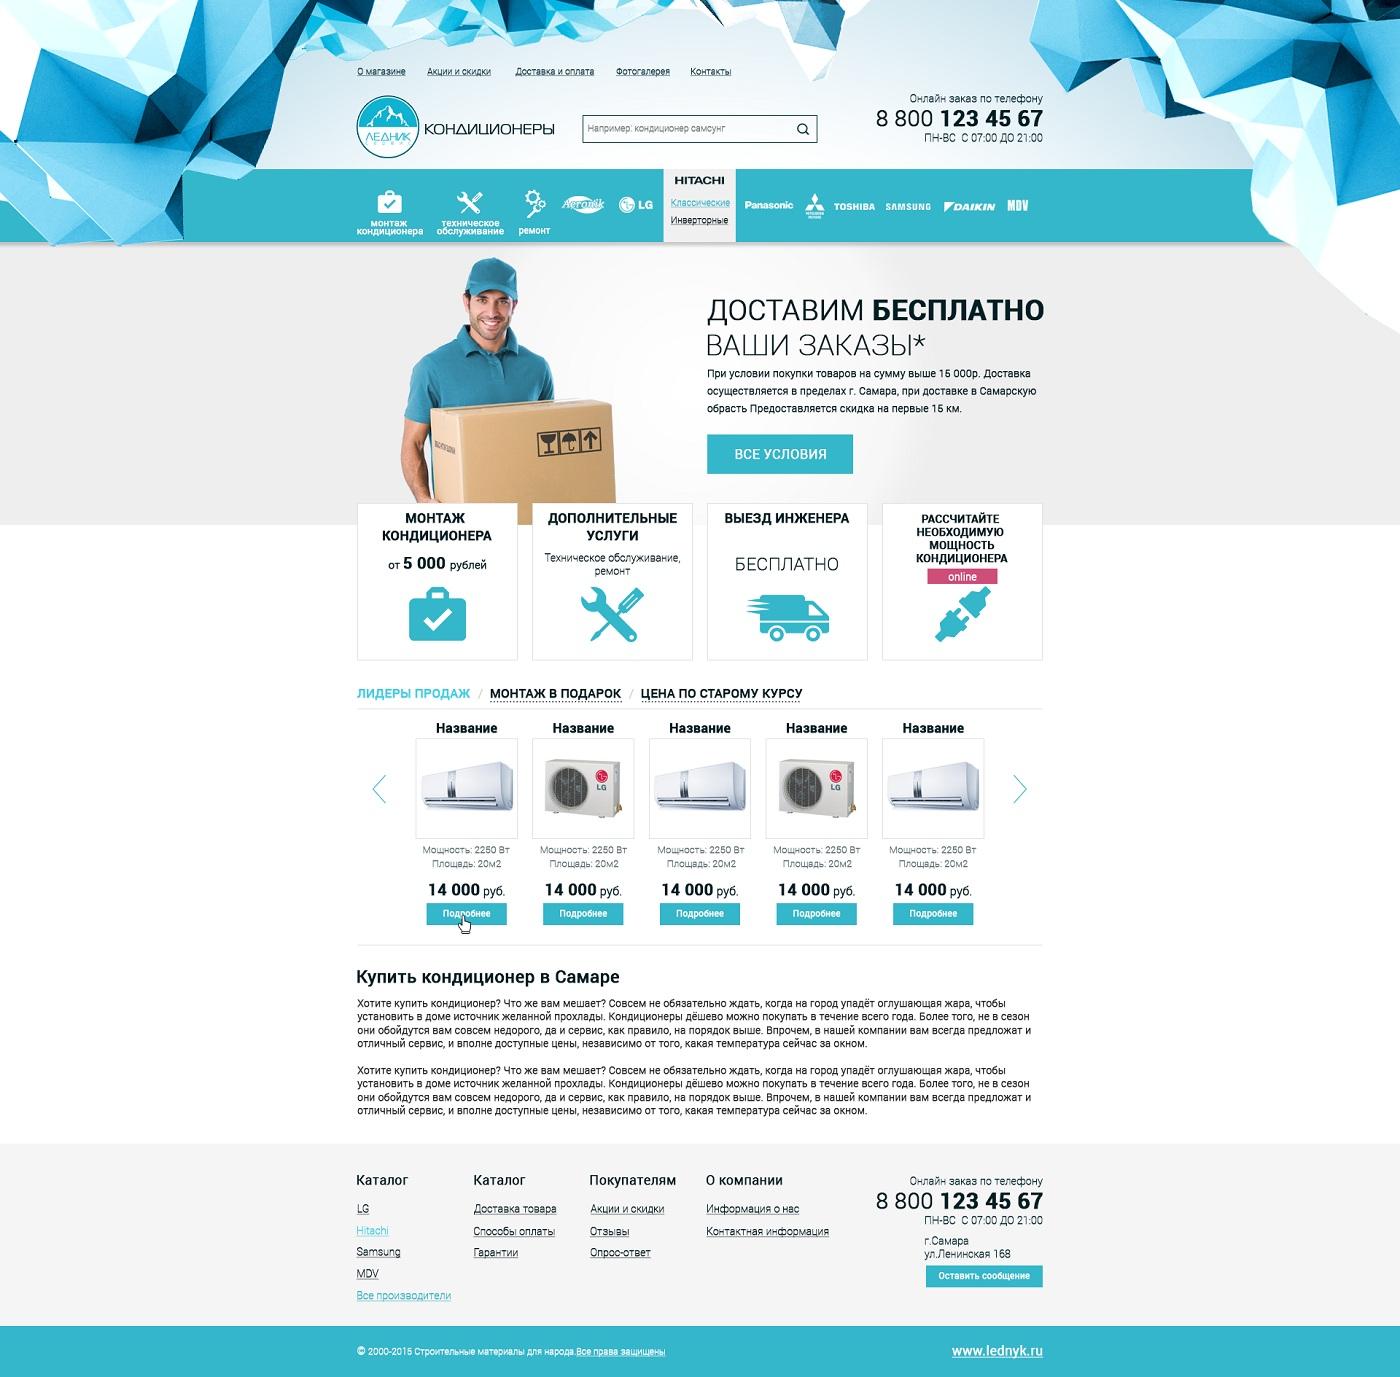 Редизайн сайта компании застройщика фото f_575550fe862582d3.jpg